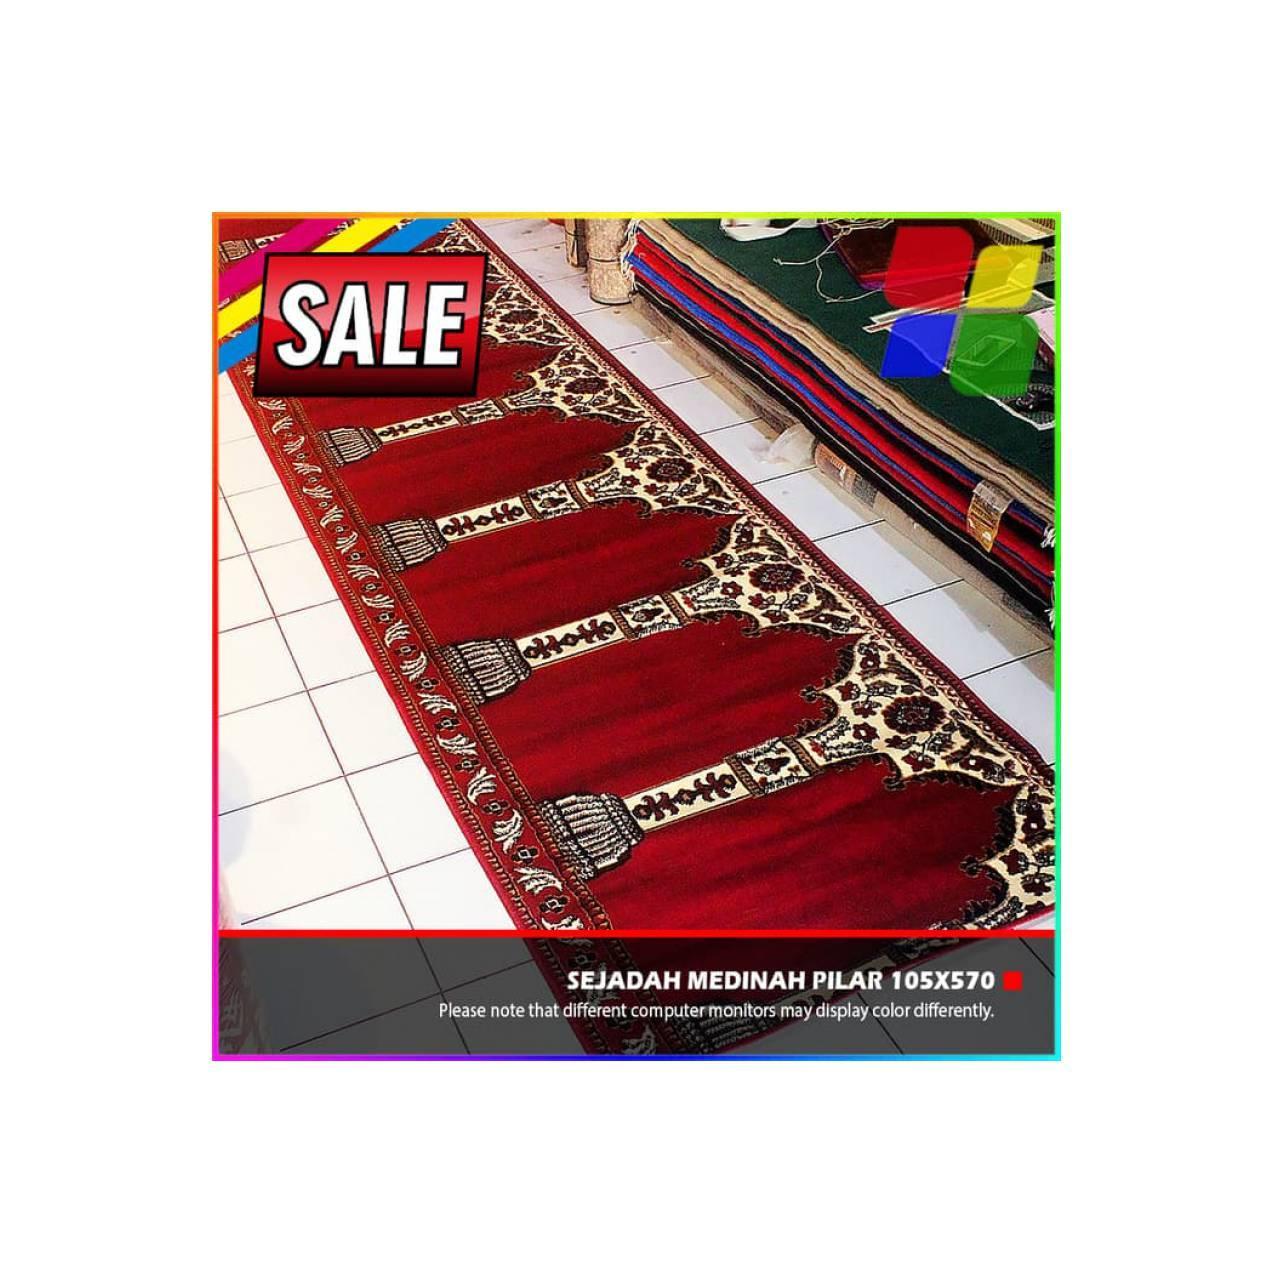 PROMO Sajadah Karpet Masjid Mushola Medinah Pilar 105x570cm